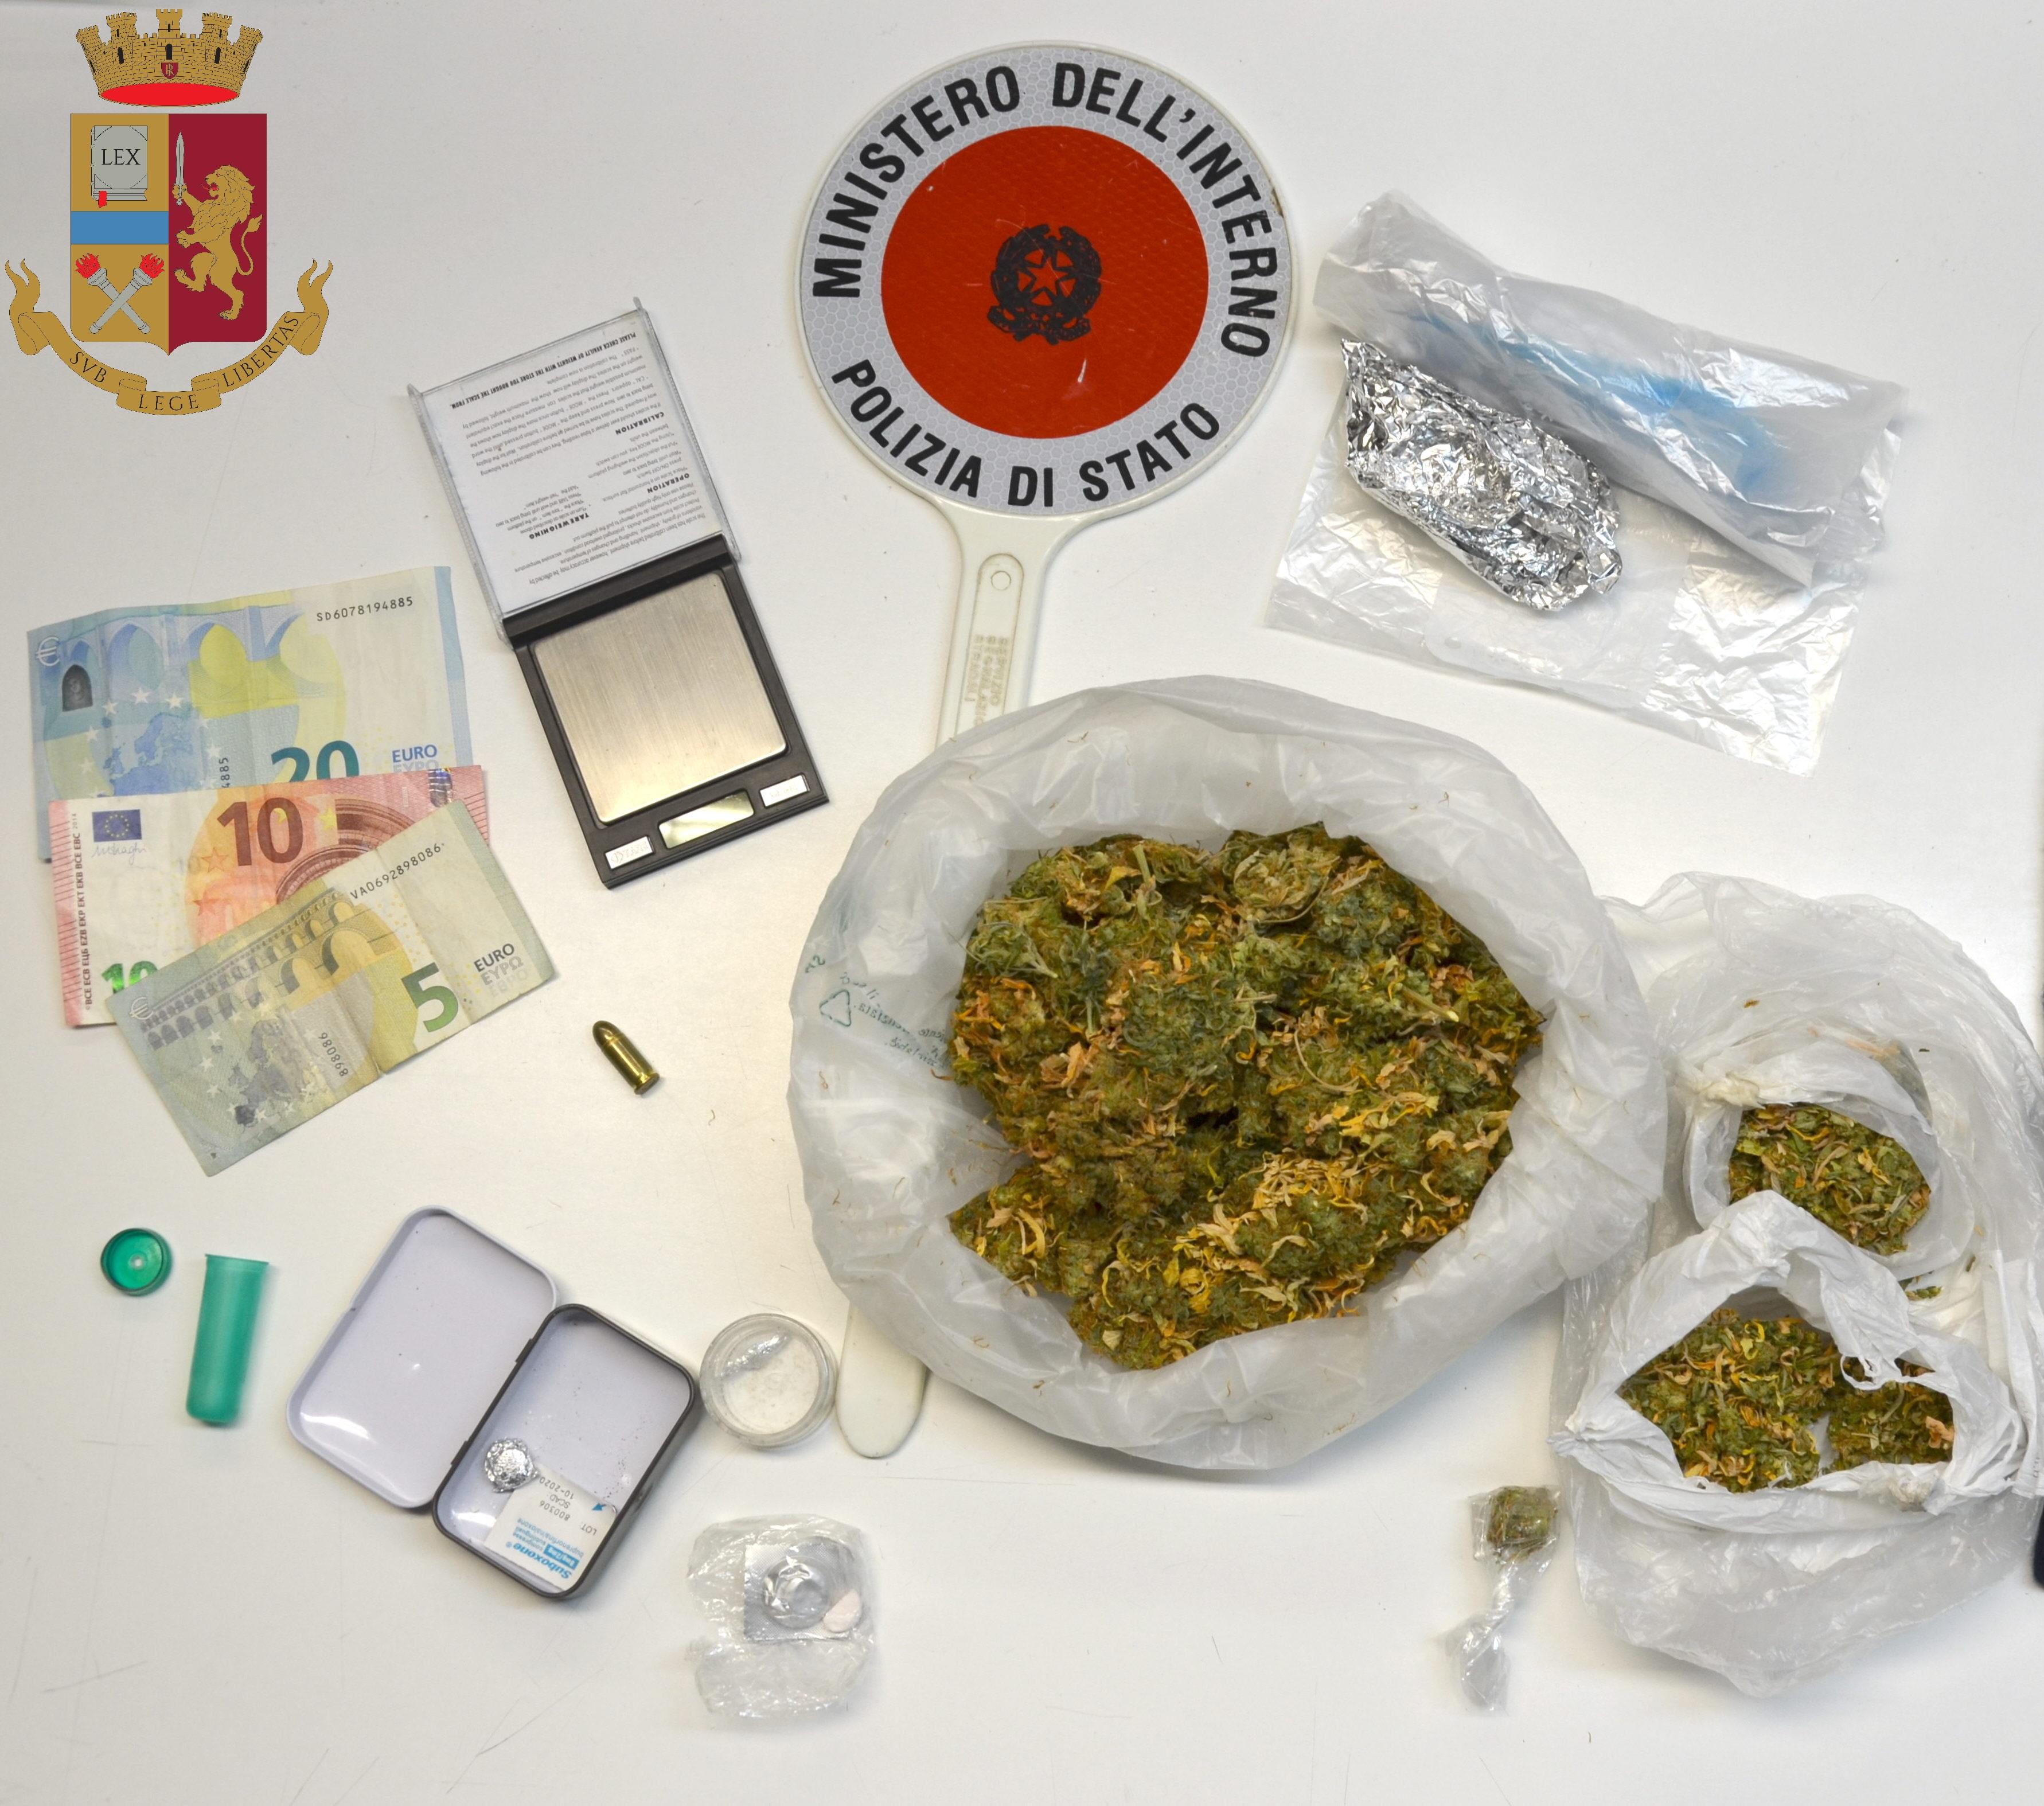 """Modica, gli trovano il """"fumo"""": trentenne finisce agli arresti domiciliari"""